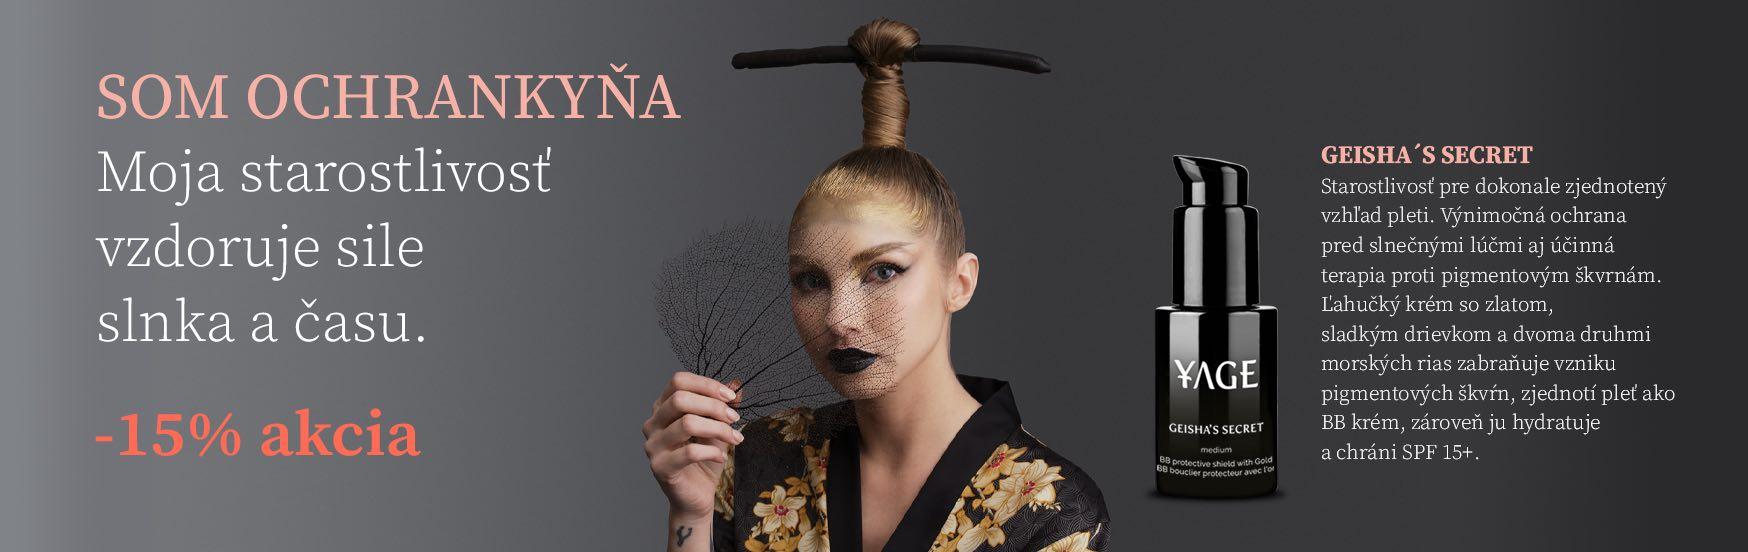 AKCIA YAGE Č. 9 BB Krém so Zlatom a SPF 15+ proti Pigmentácii Geisha's Secret